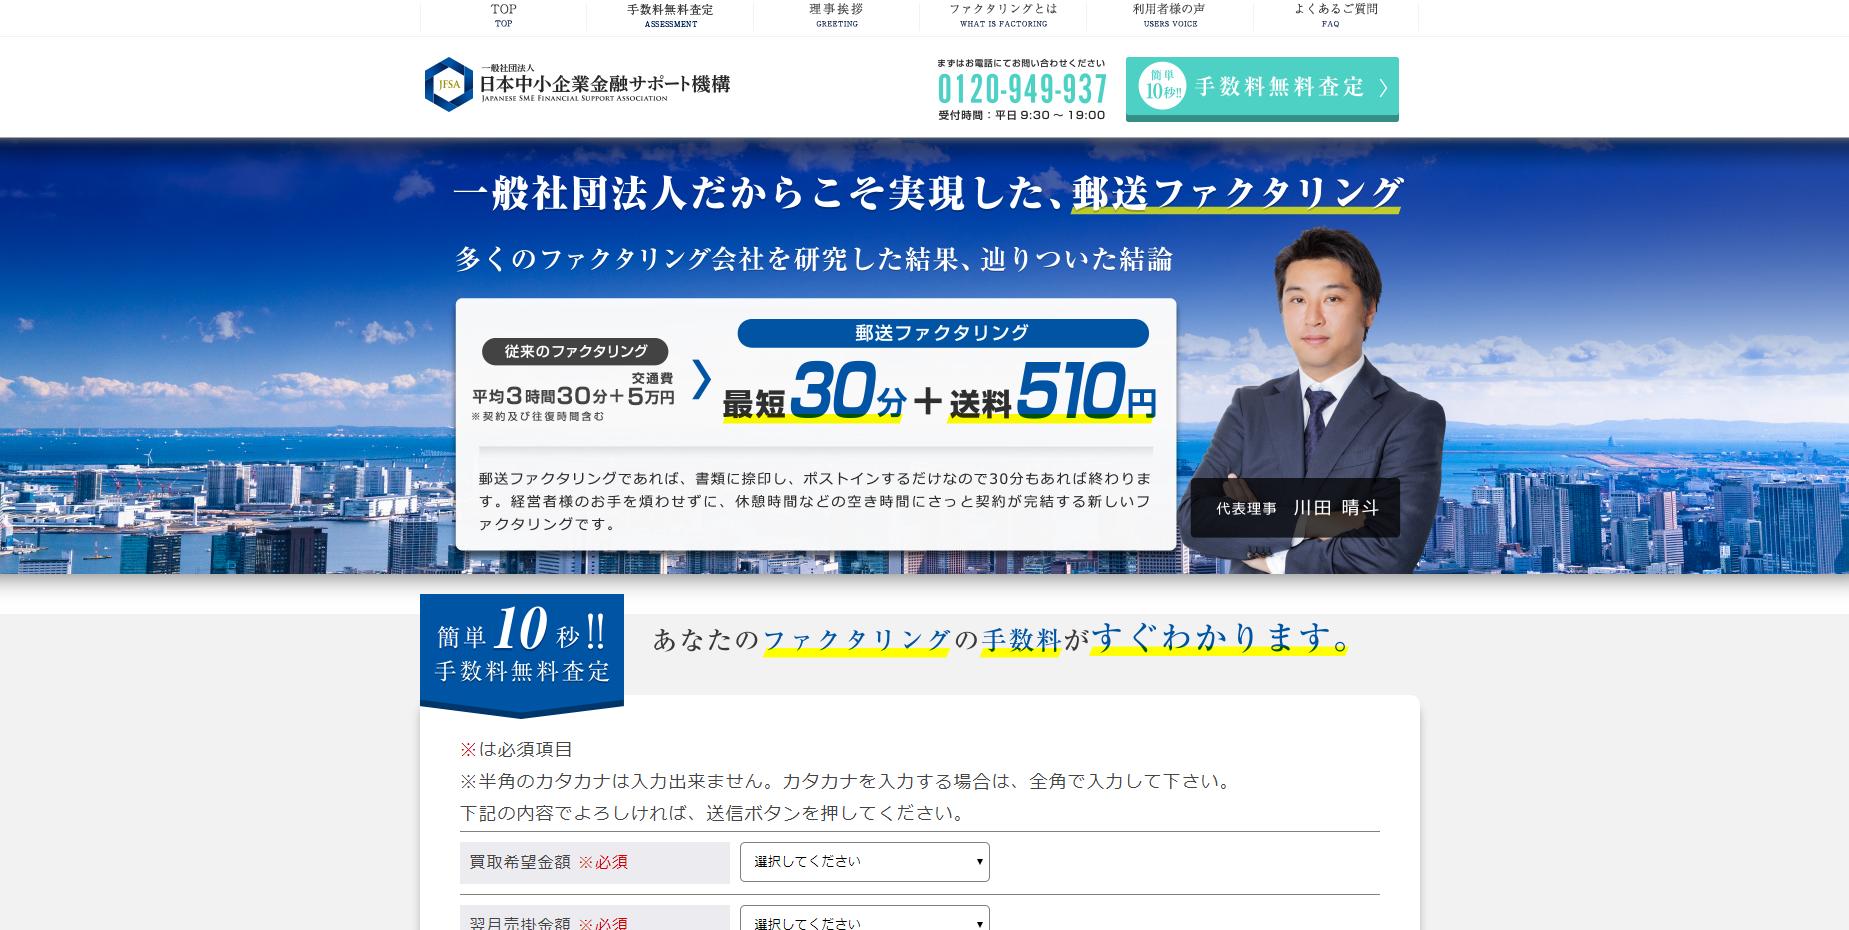 一般社団法人(JFSA)日本中小企業金融サポート機構ファクタリング会社イメージ